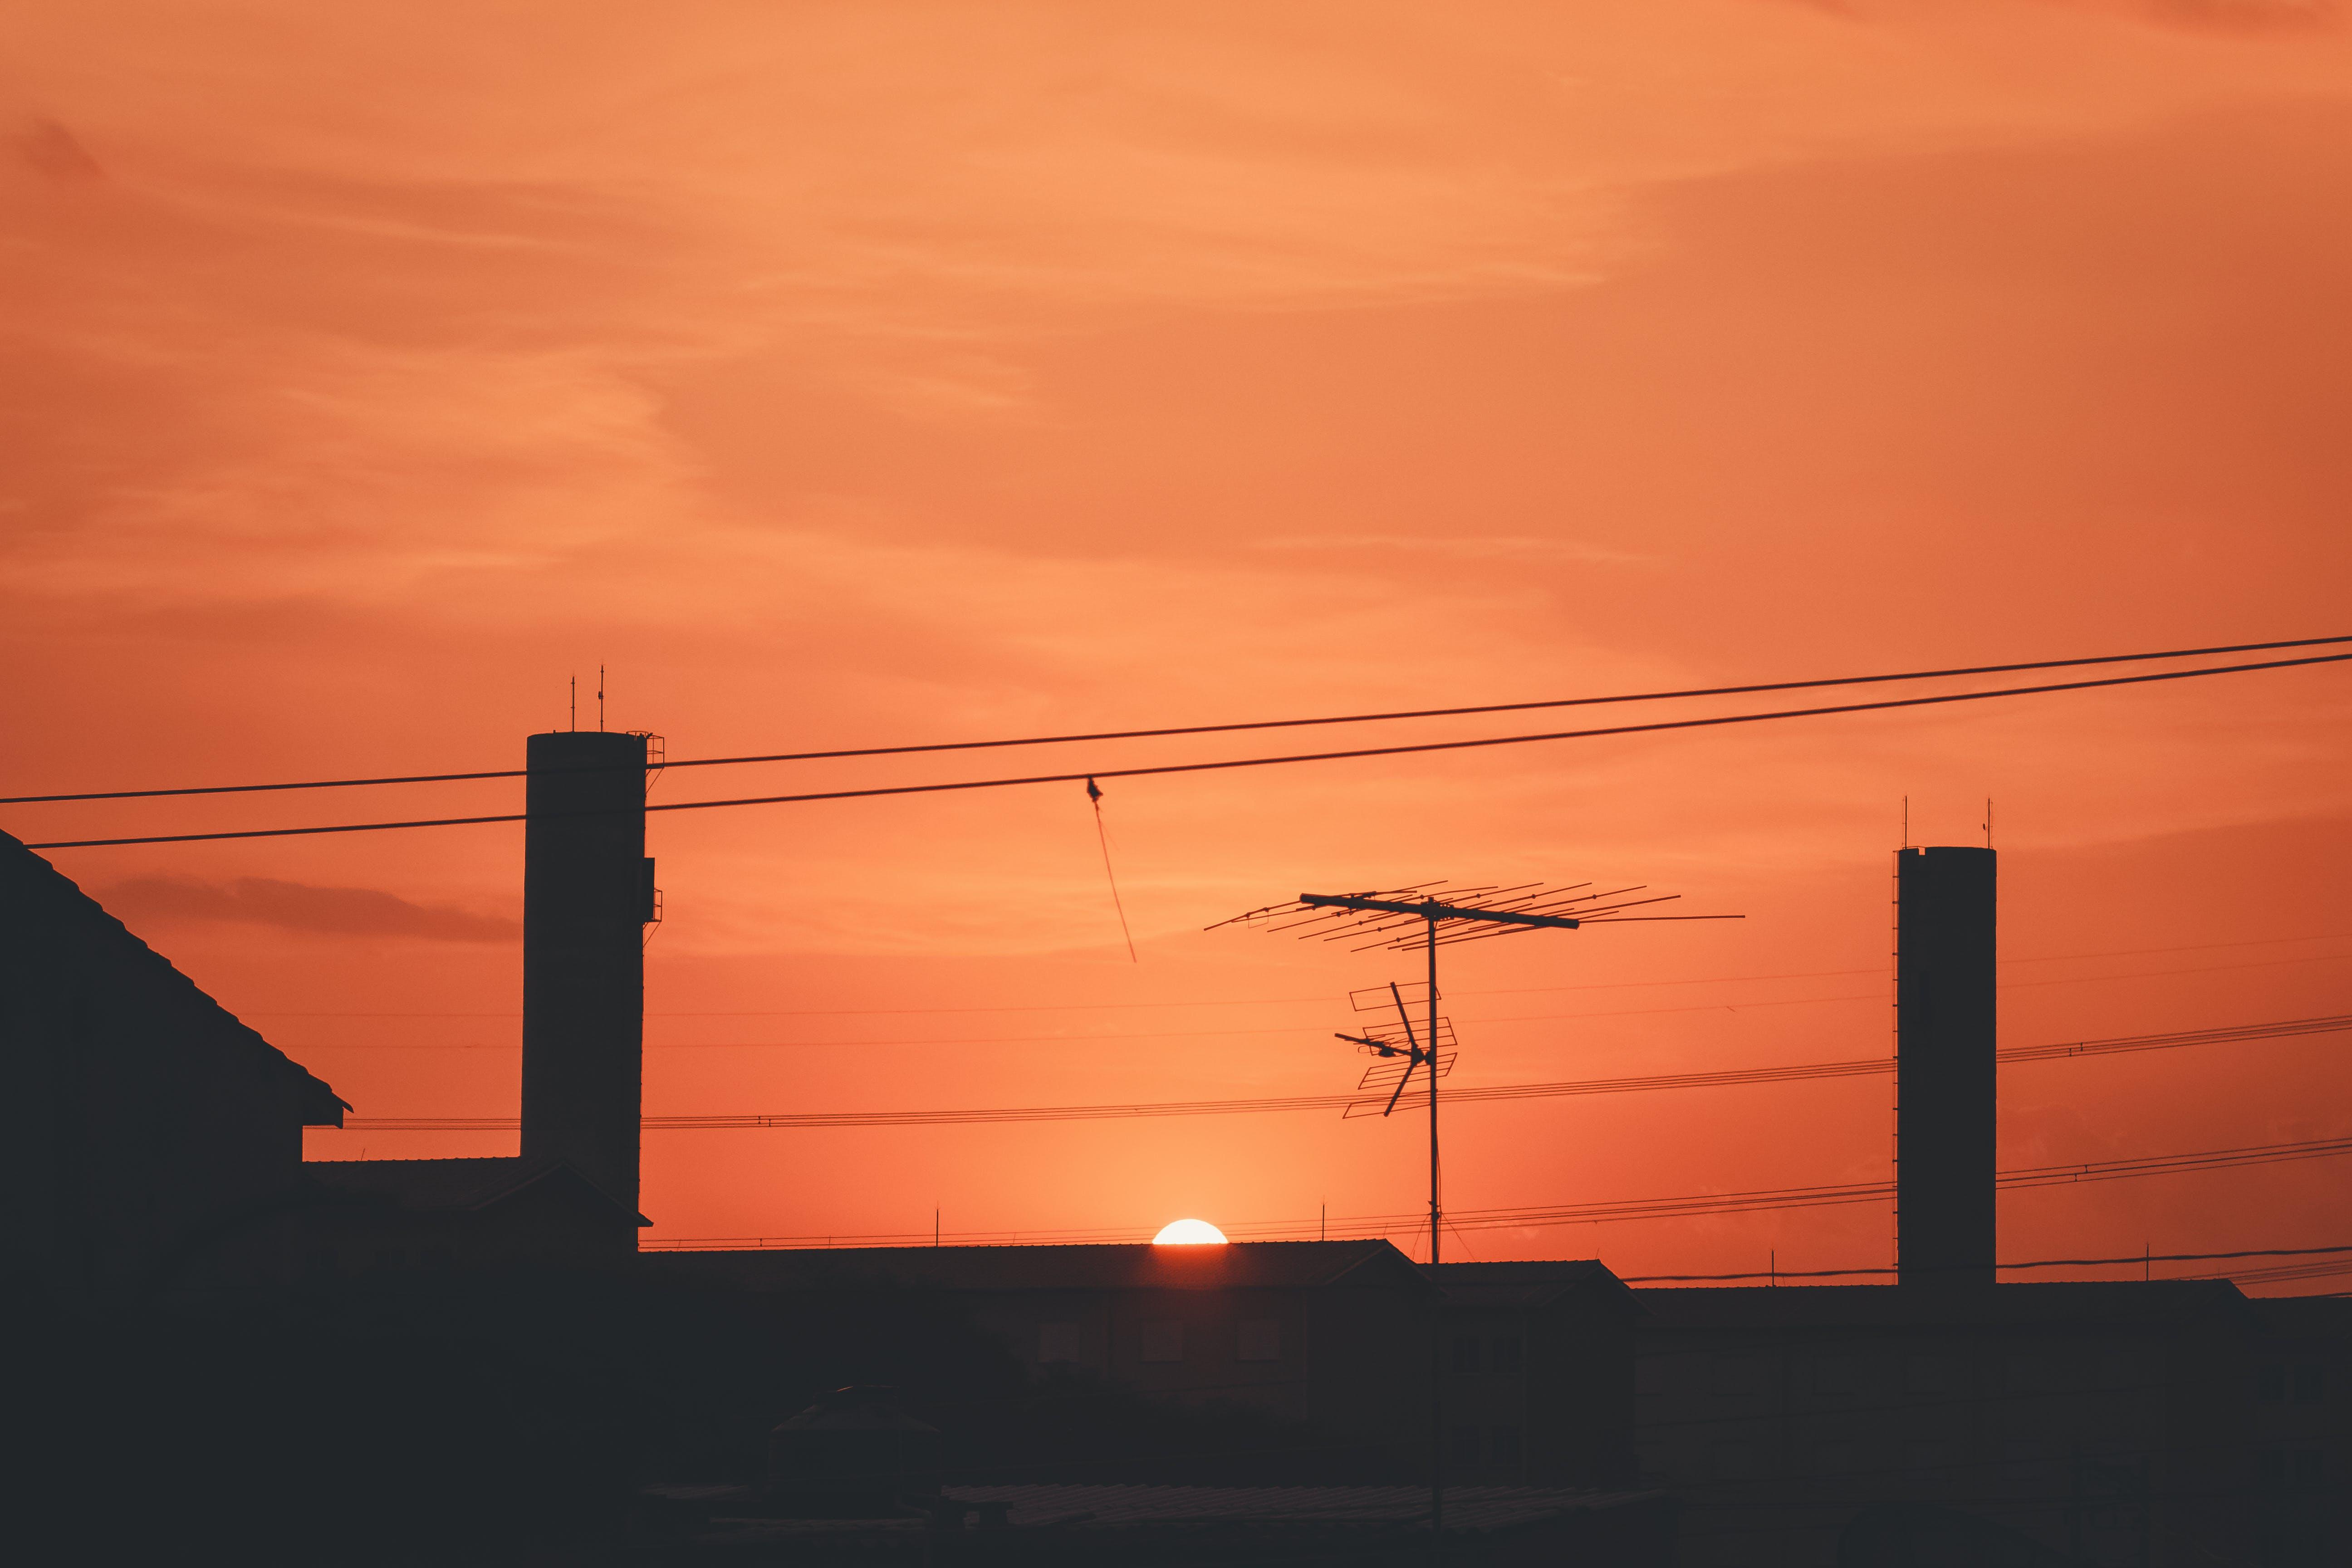 도시, 일몰, 태양의 무료 스톡 사진